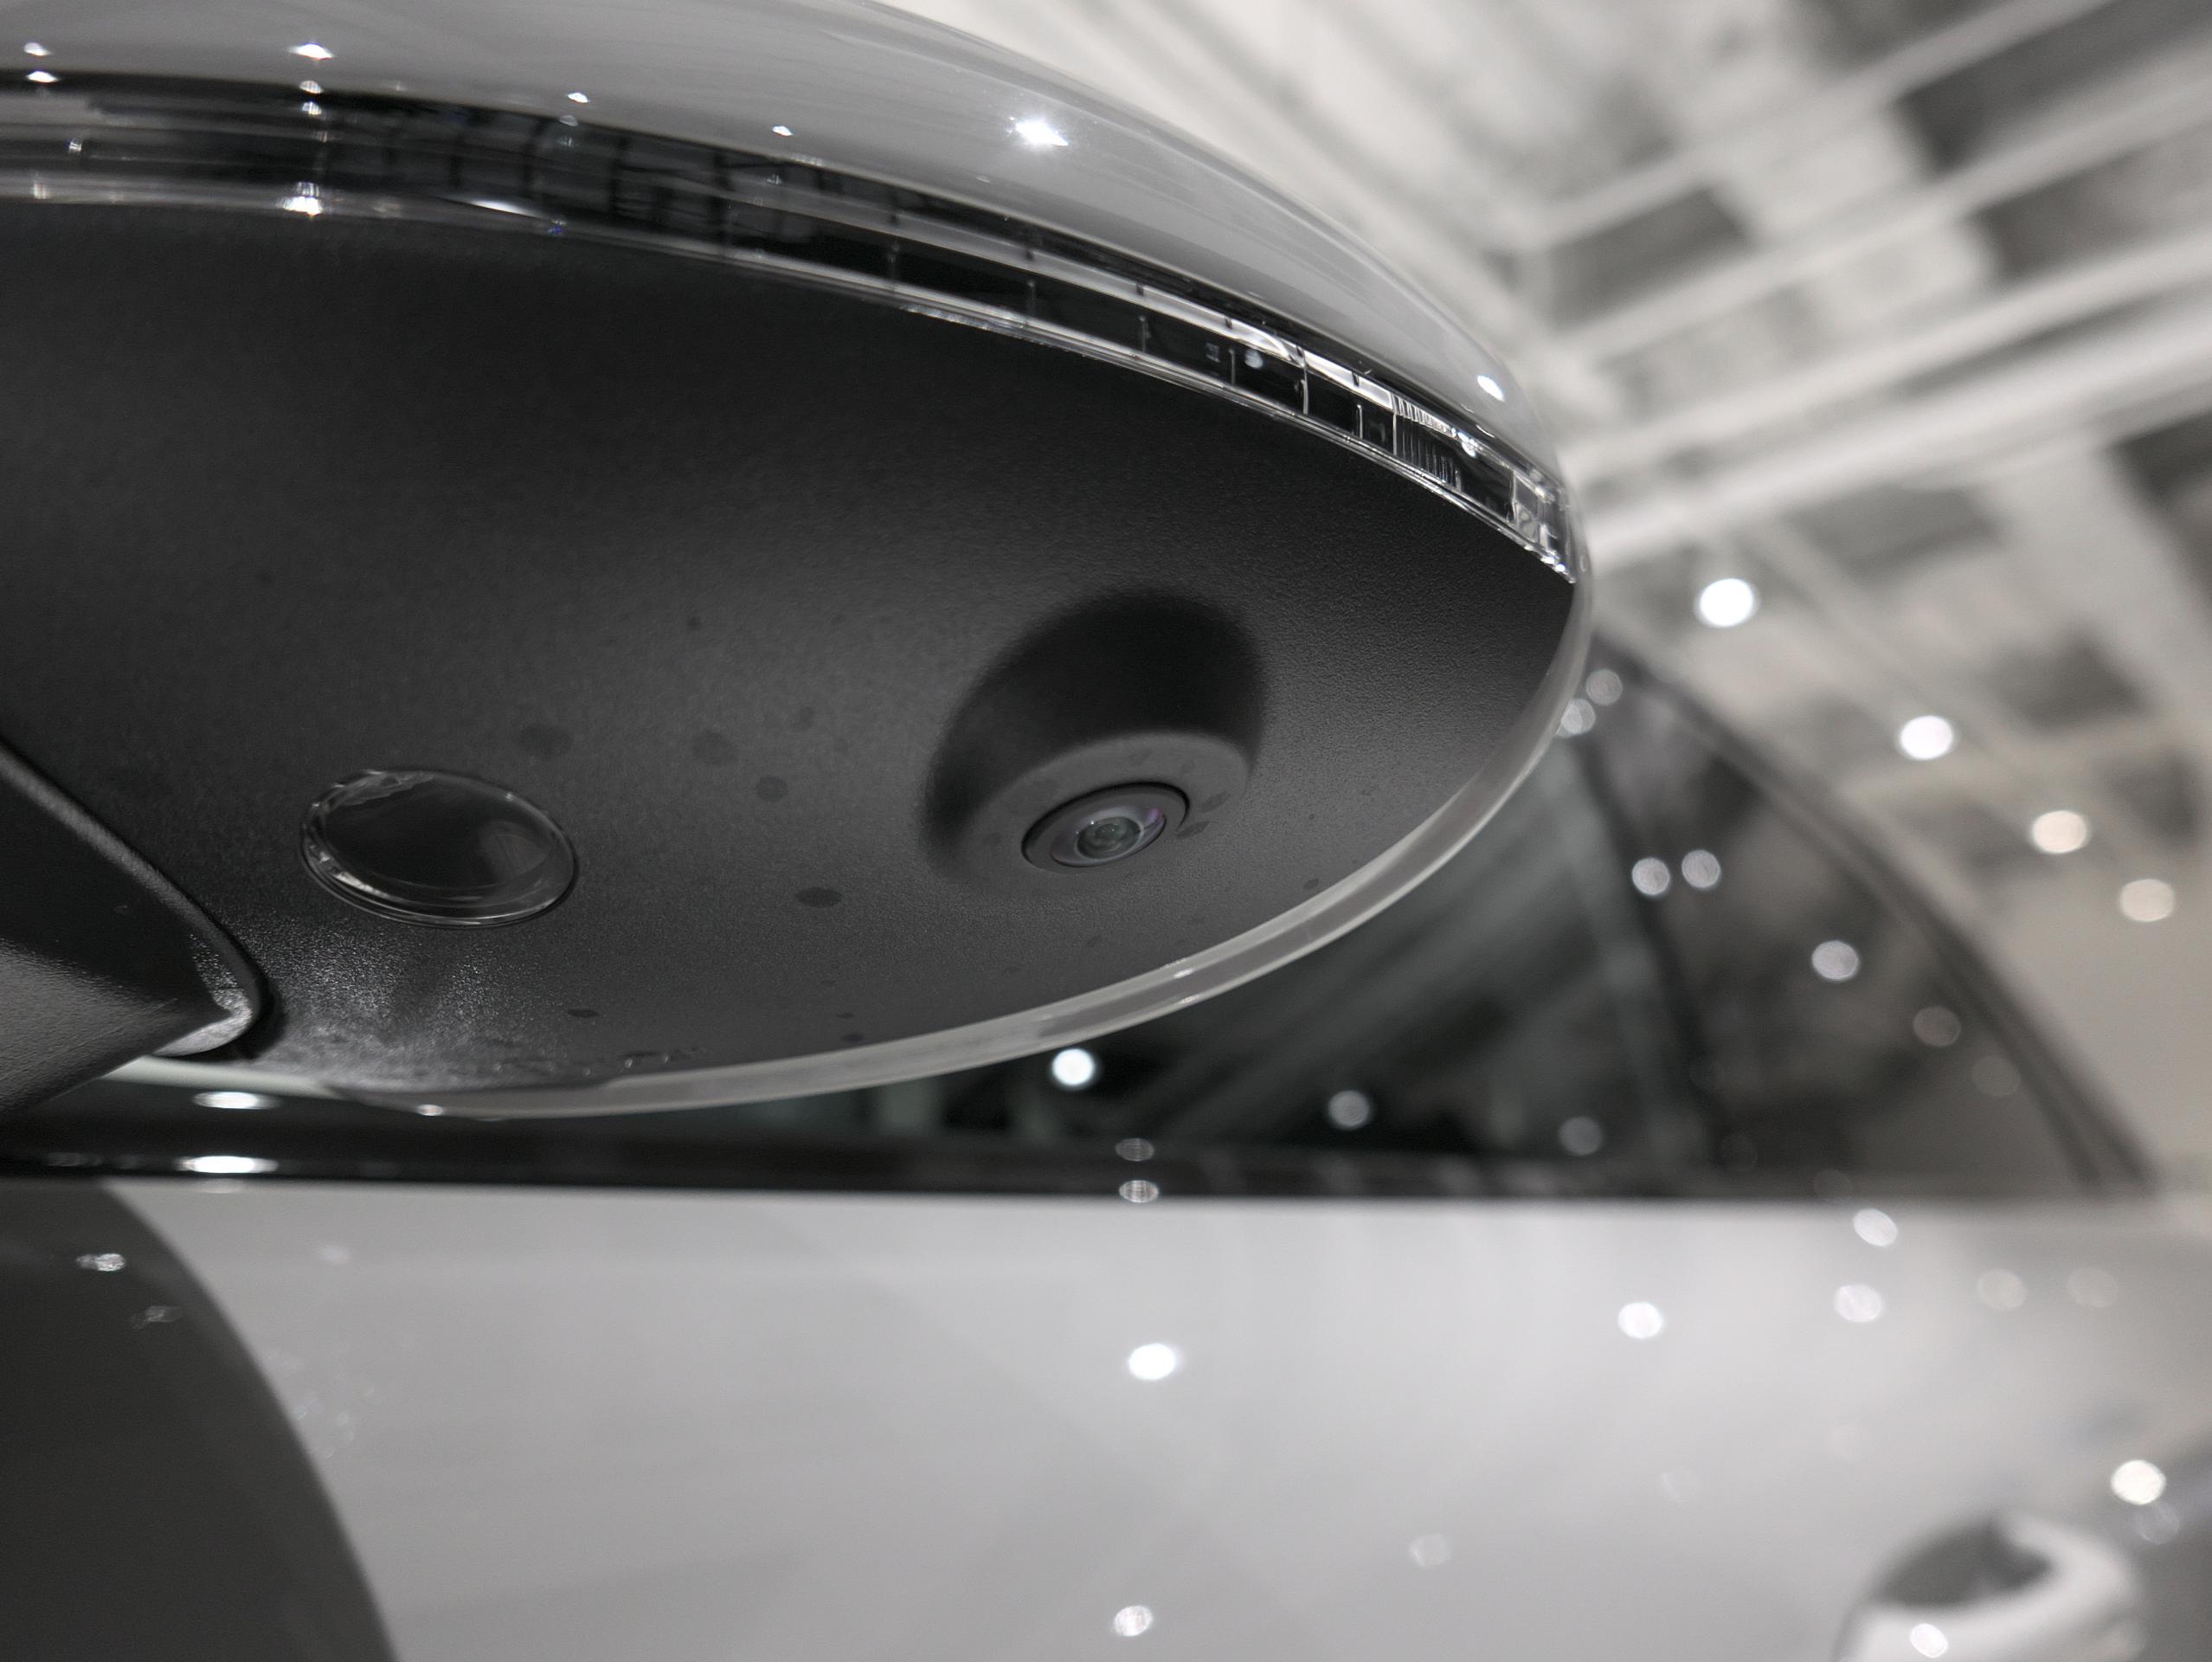 ポルシェ マカン GTS スポーツクロノ サイドカメラ